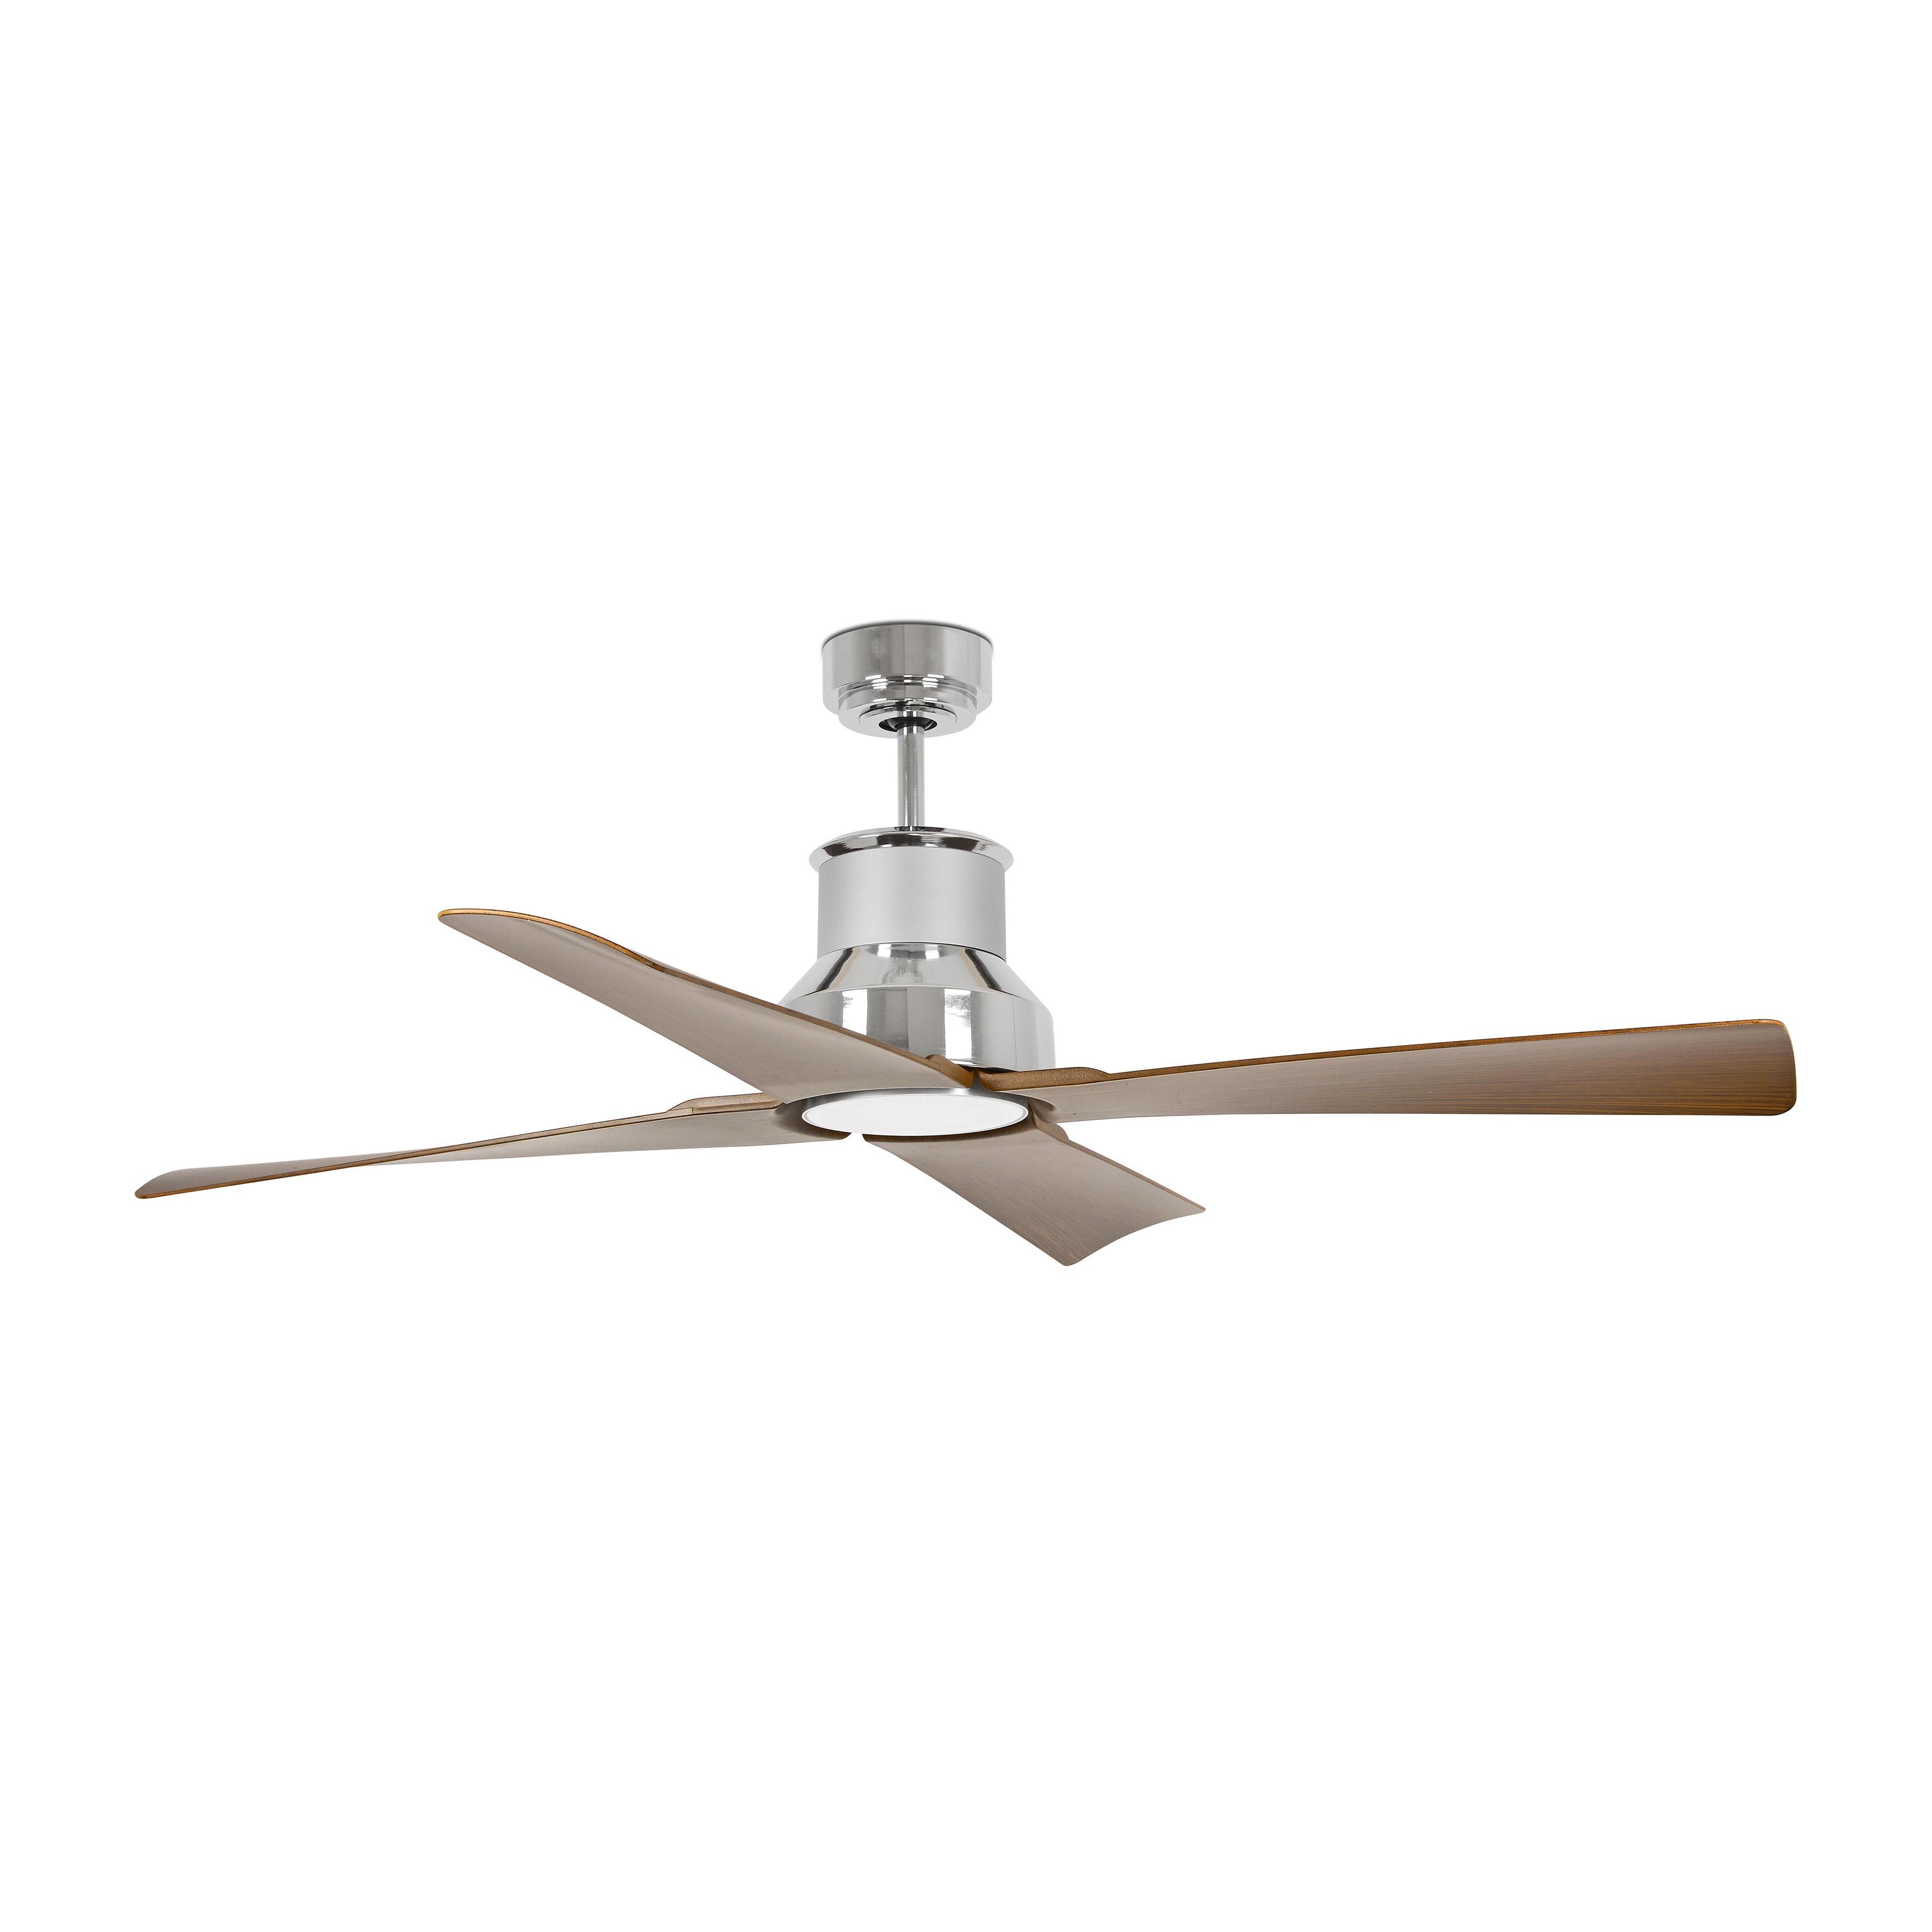 Ventilador de techo winche motor dc 33482 cromado 1270 de faro 33482 355 50 - Motores de ventiladores de techo ...